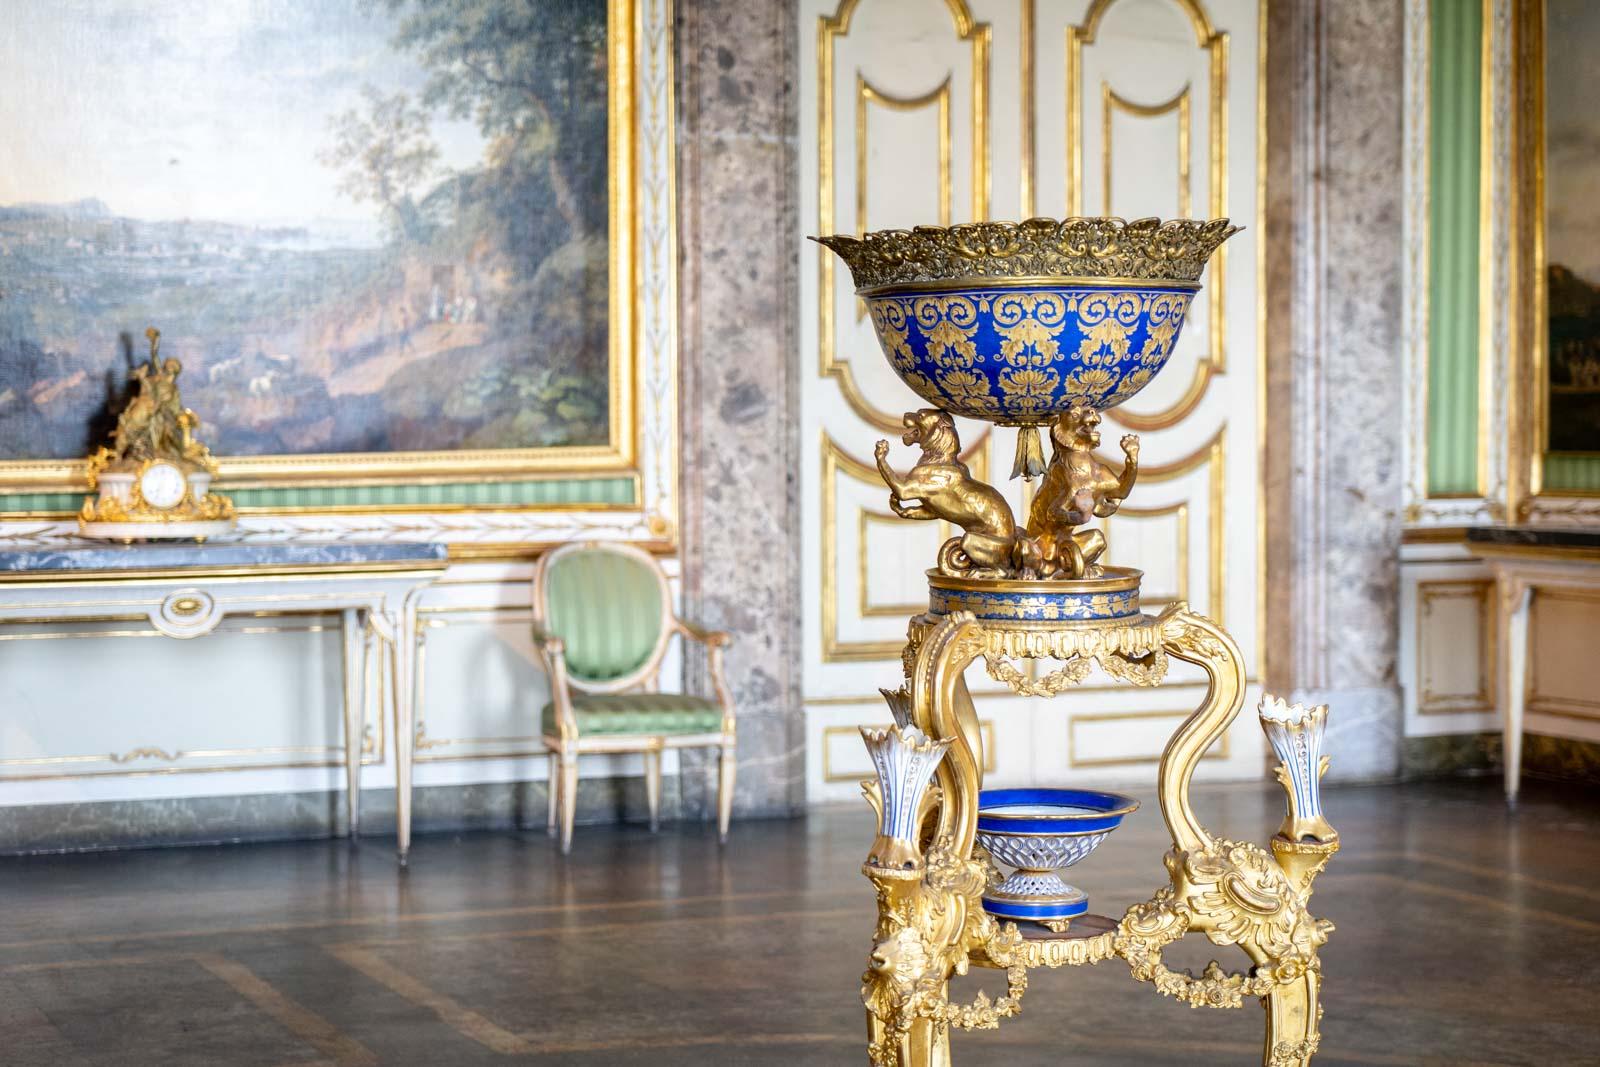 Caserta Palace near Naples, Italy